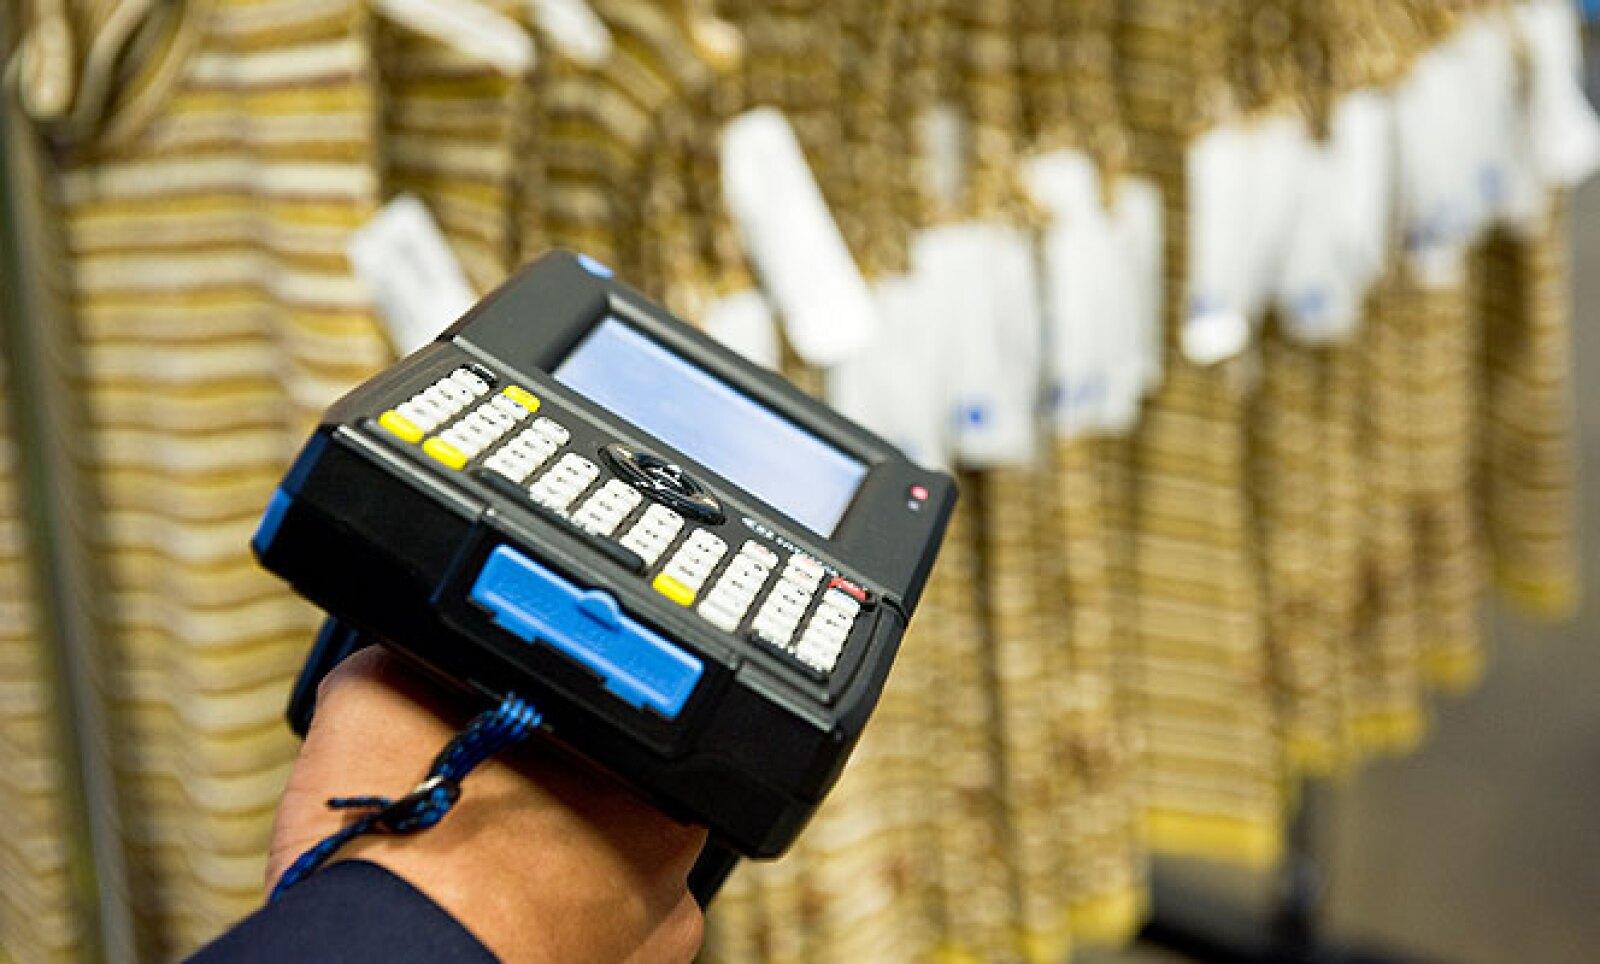 8.La identificación por Radio Frecuencia (RFID) es otra opción, pero es hasta 10 veces más costosa que el código de barras.